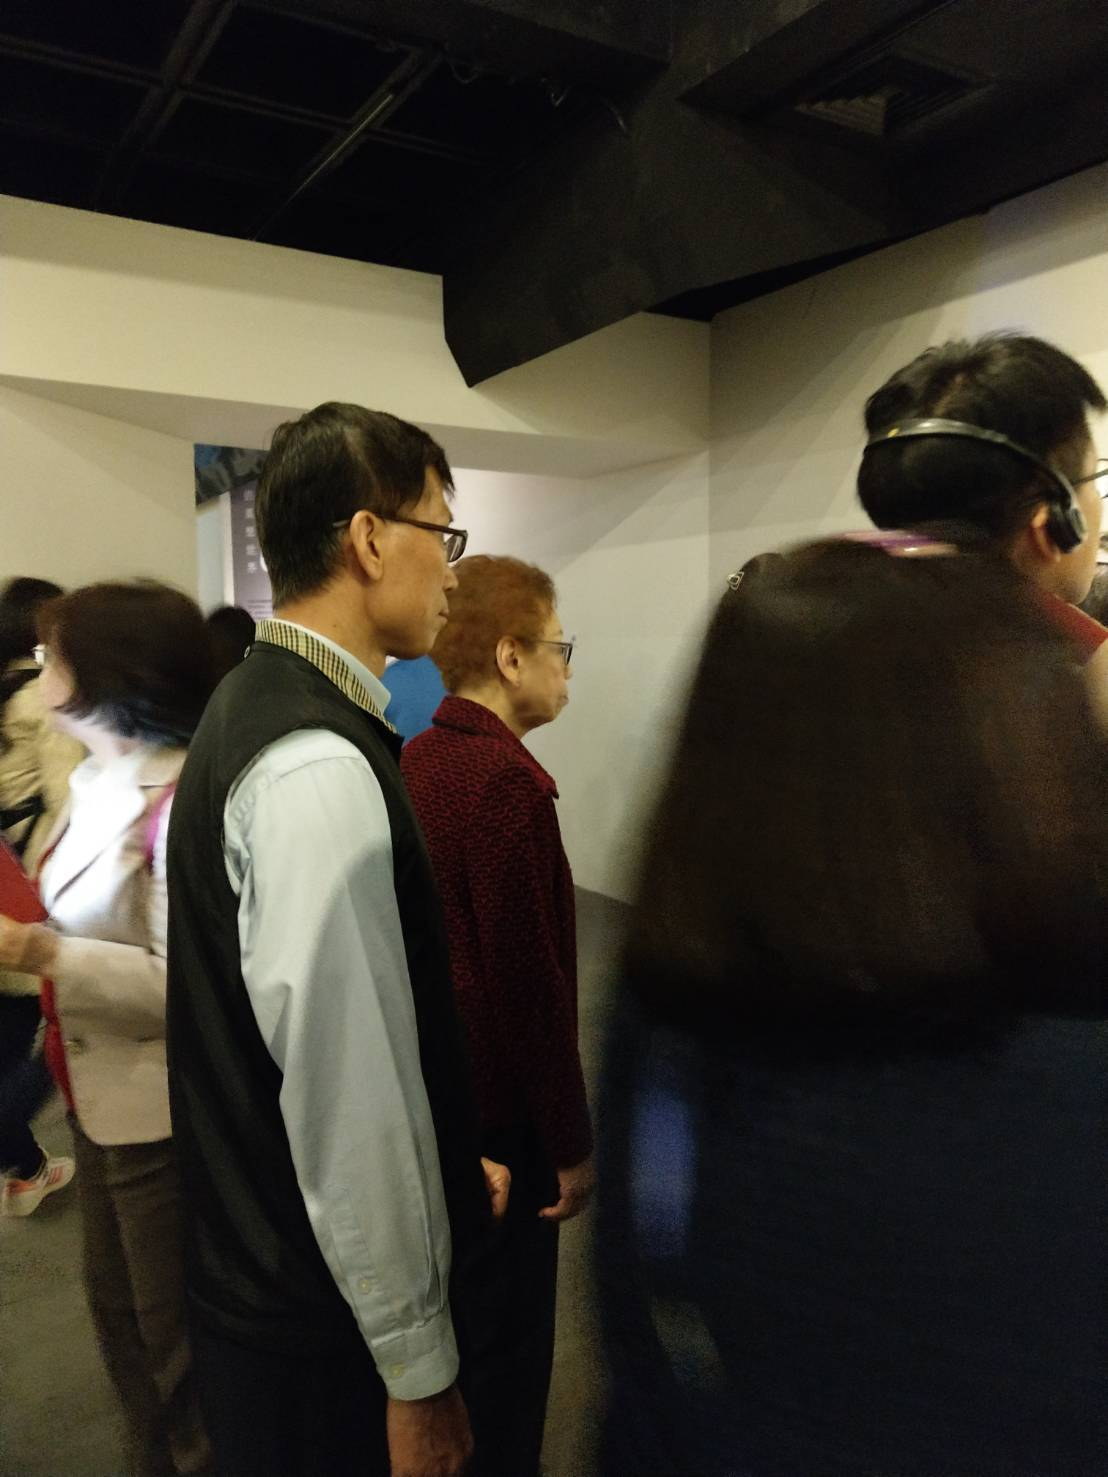 富邦慈善基金會董事長蔡楊湘薰(圖中,著暗紅色外套者)駐足欣賞。記者蔡靜紋/攝影